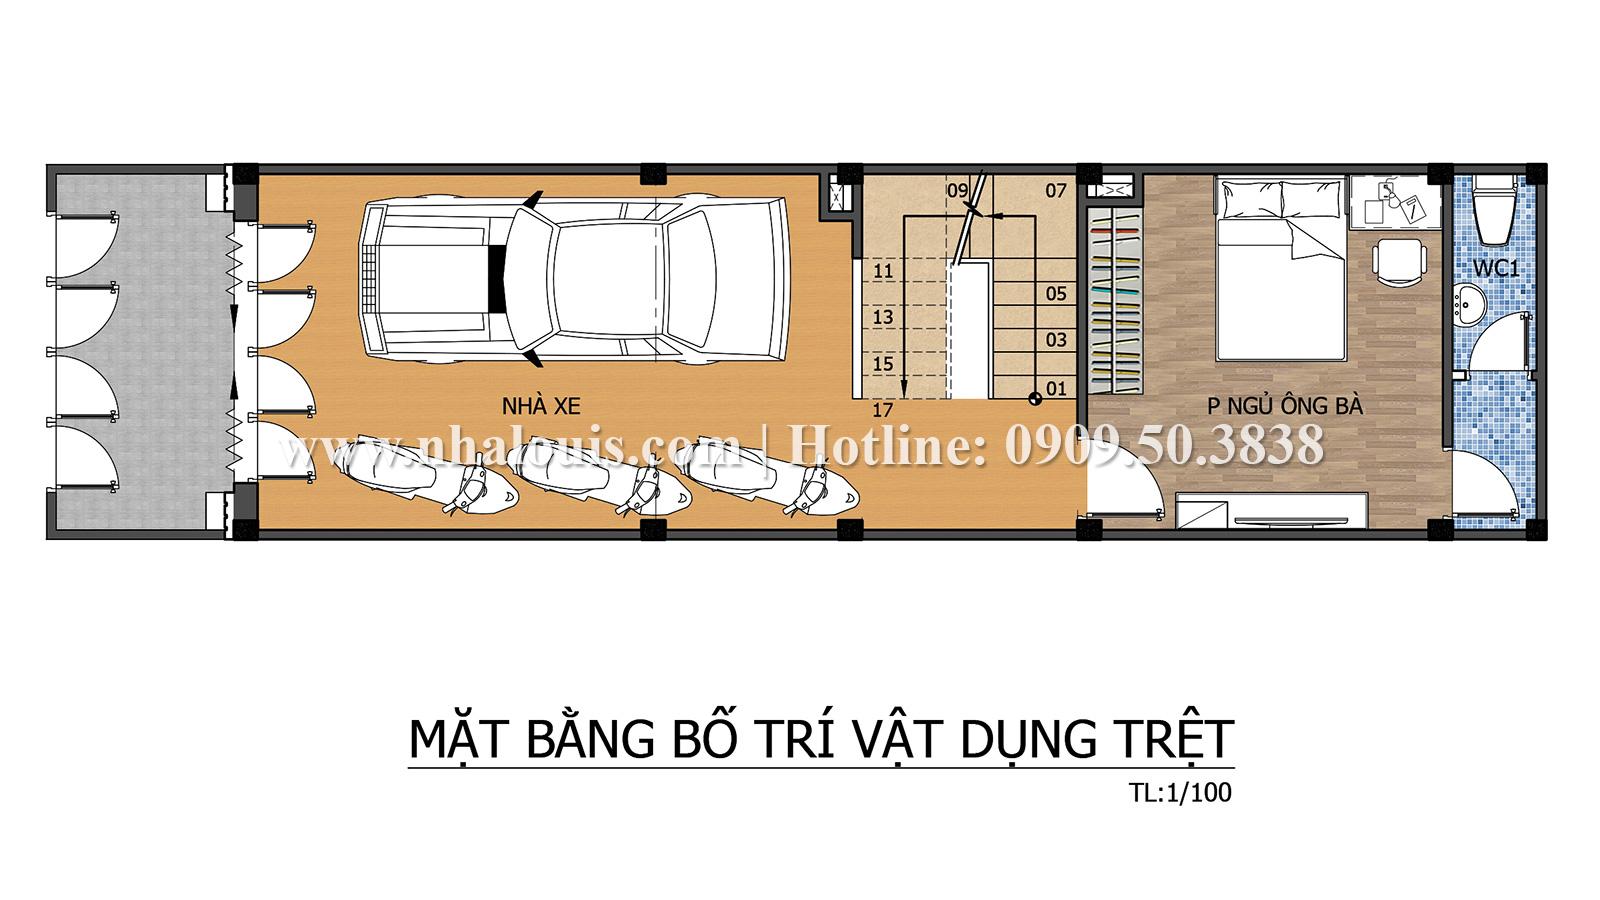 Mặt bằng tầng trệt Mẫu nhà ống tân cổ điển 4 tầng tại Quận 6 đẹp sang chảnh - 04